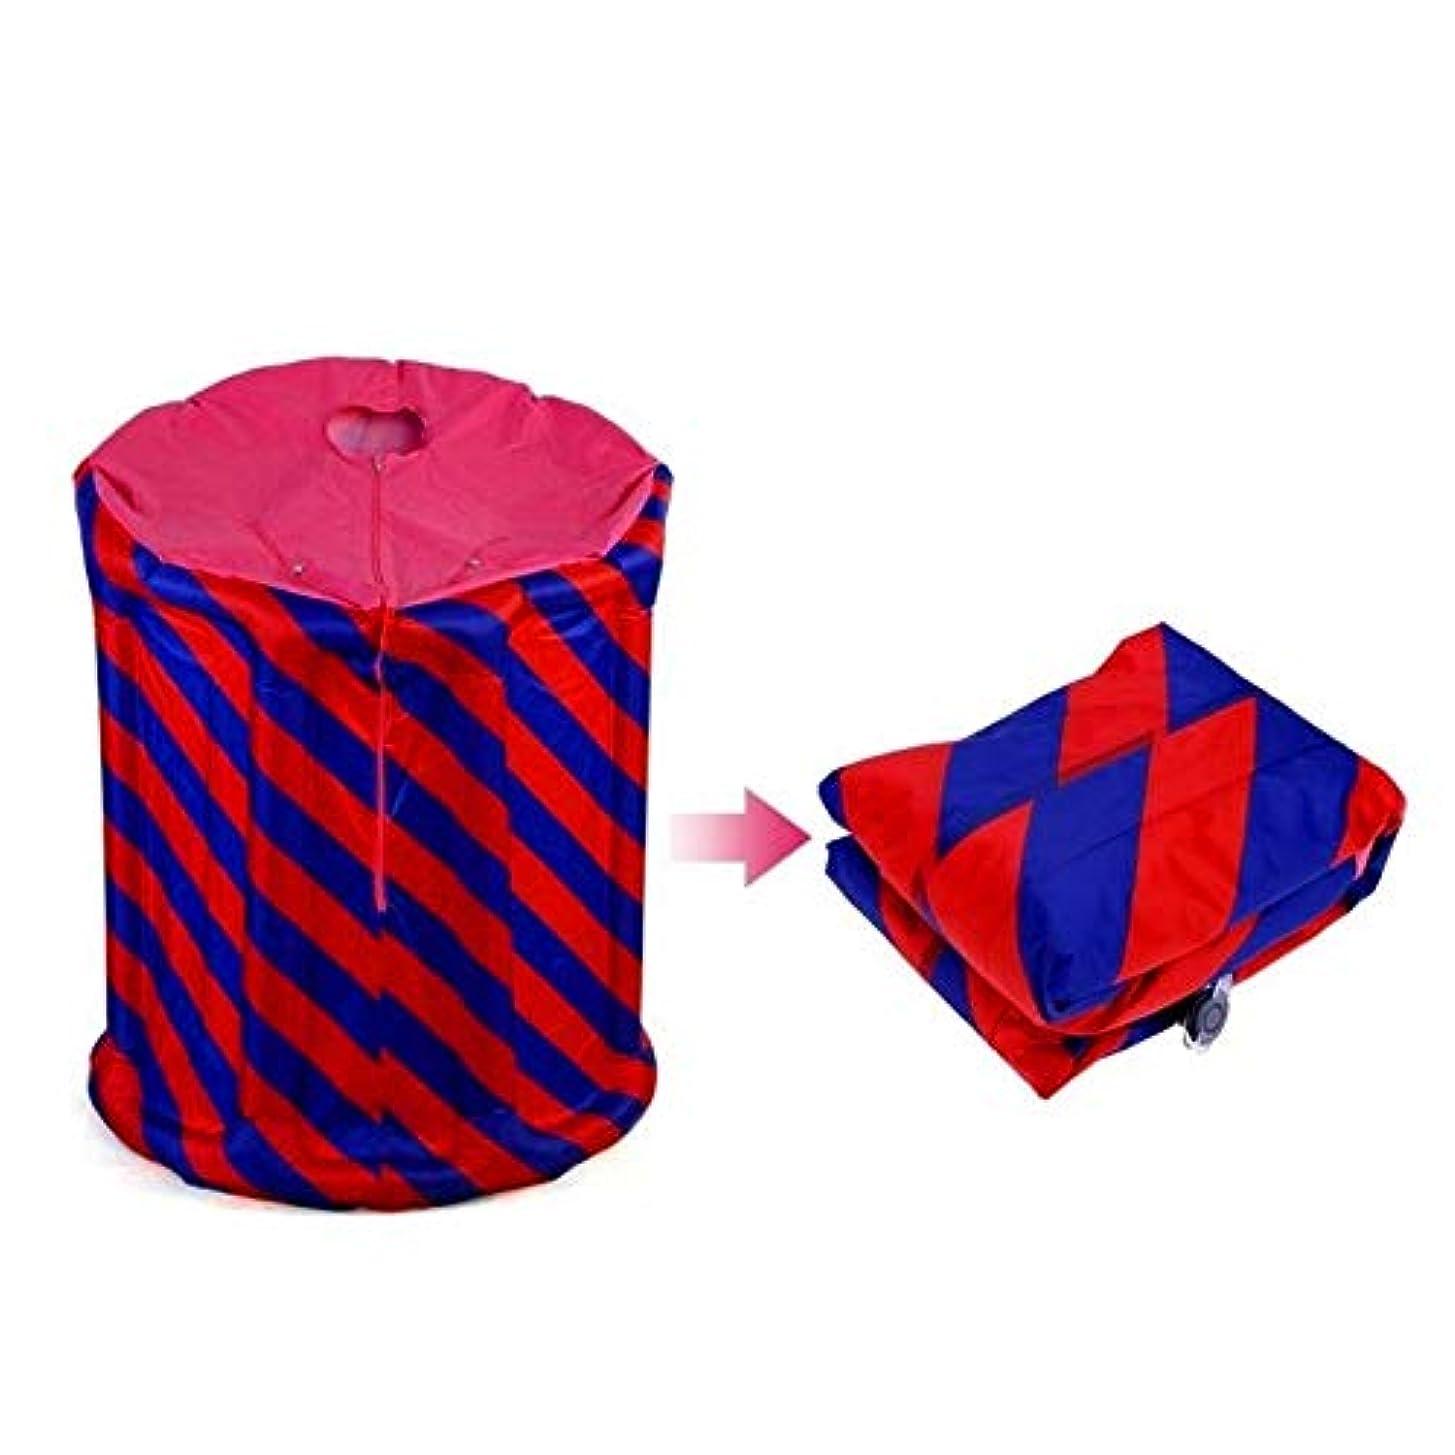 アクセスできない湿原アシュリータファーマンWXZD 空気ポンプポータブルスチームでインフレータブルサウナテントは重量デトックスセラピーサウナキャビンを失うサウナ(スチームジェネレーターが含まれていませ)